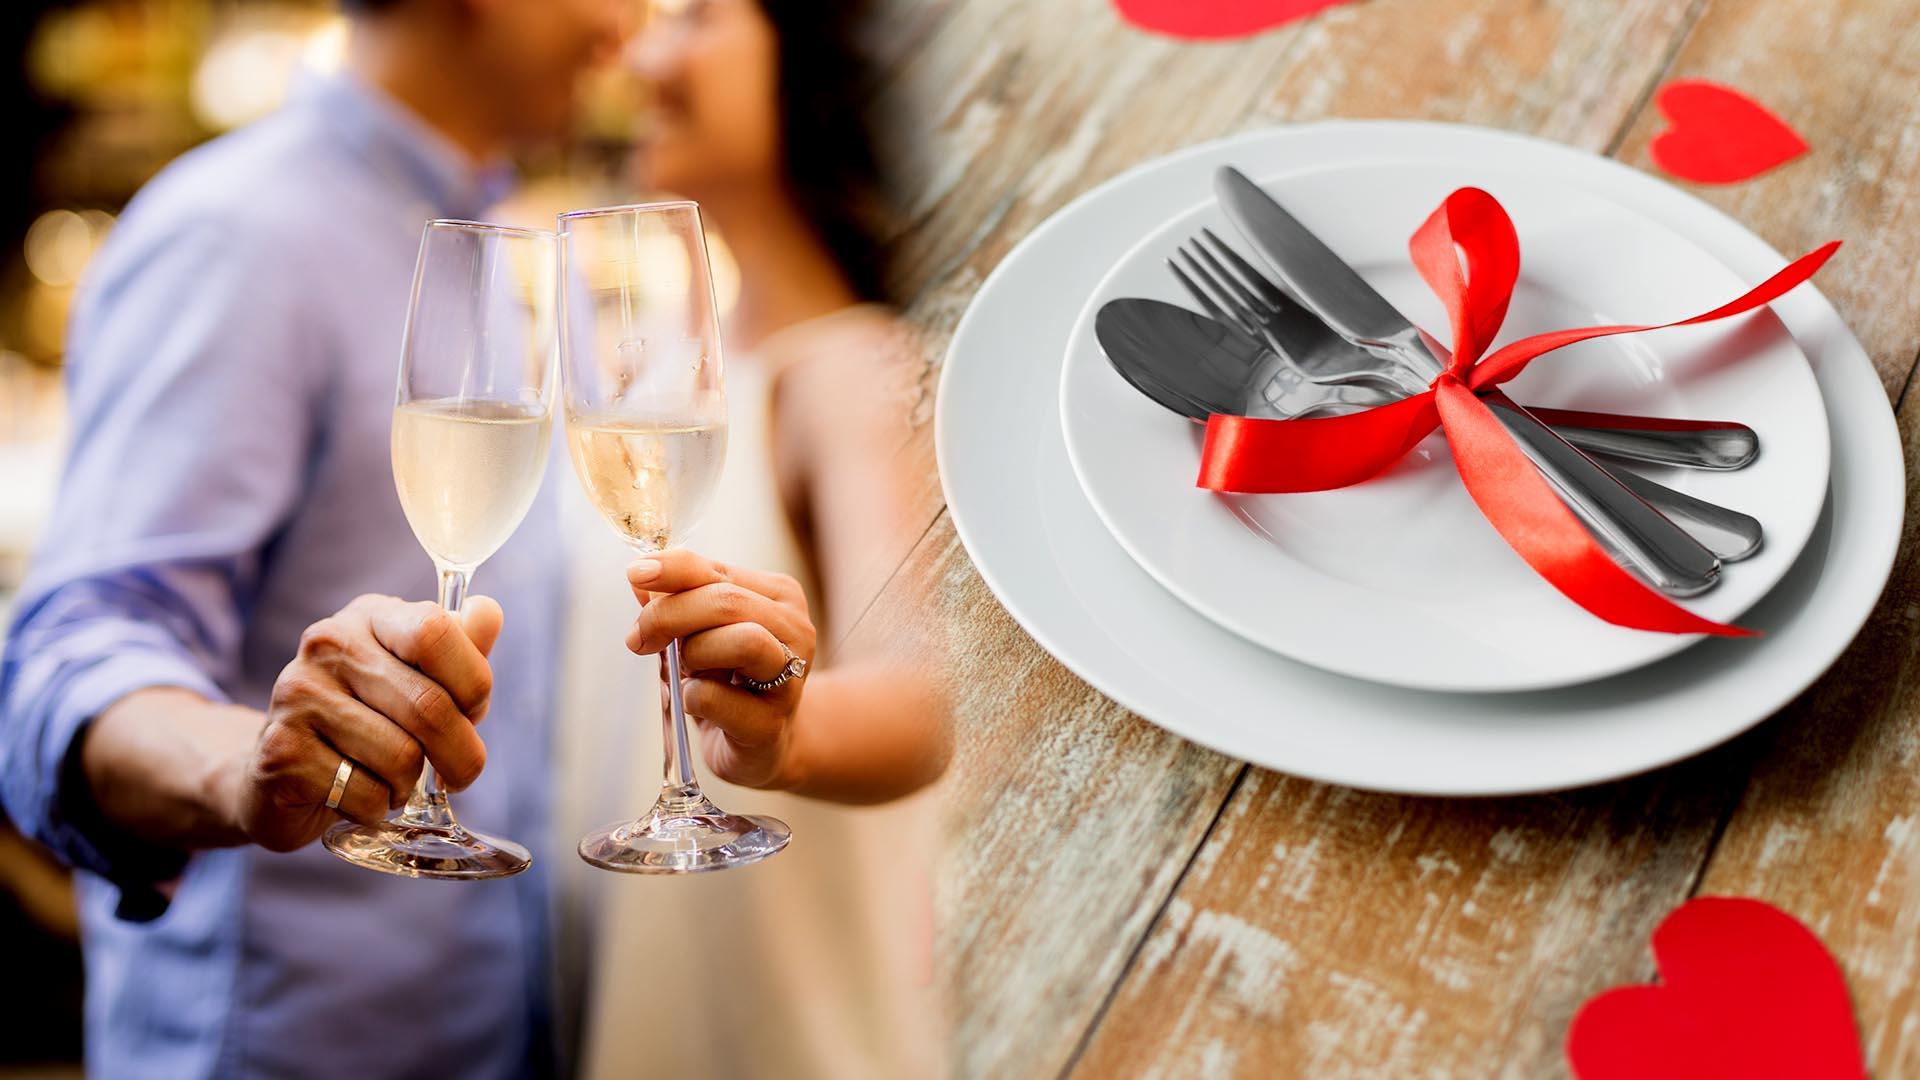 urban-nutters-wine-food-marriage-pairing